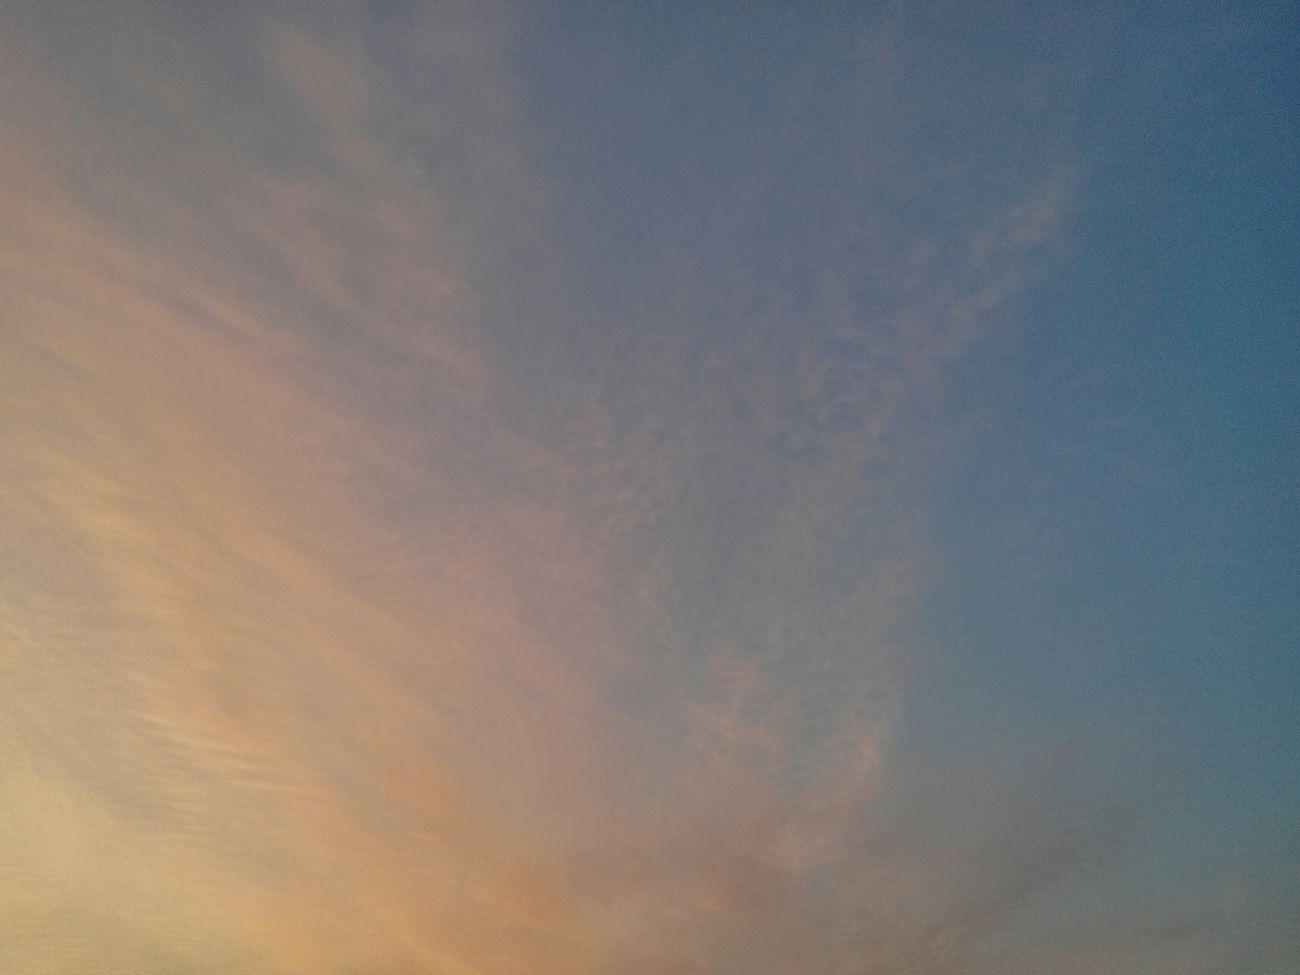 Auch wenn es schwer fällt gerade, wünsche ich einen guten Morgen mit Wolkentheater Bande.